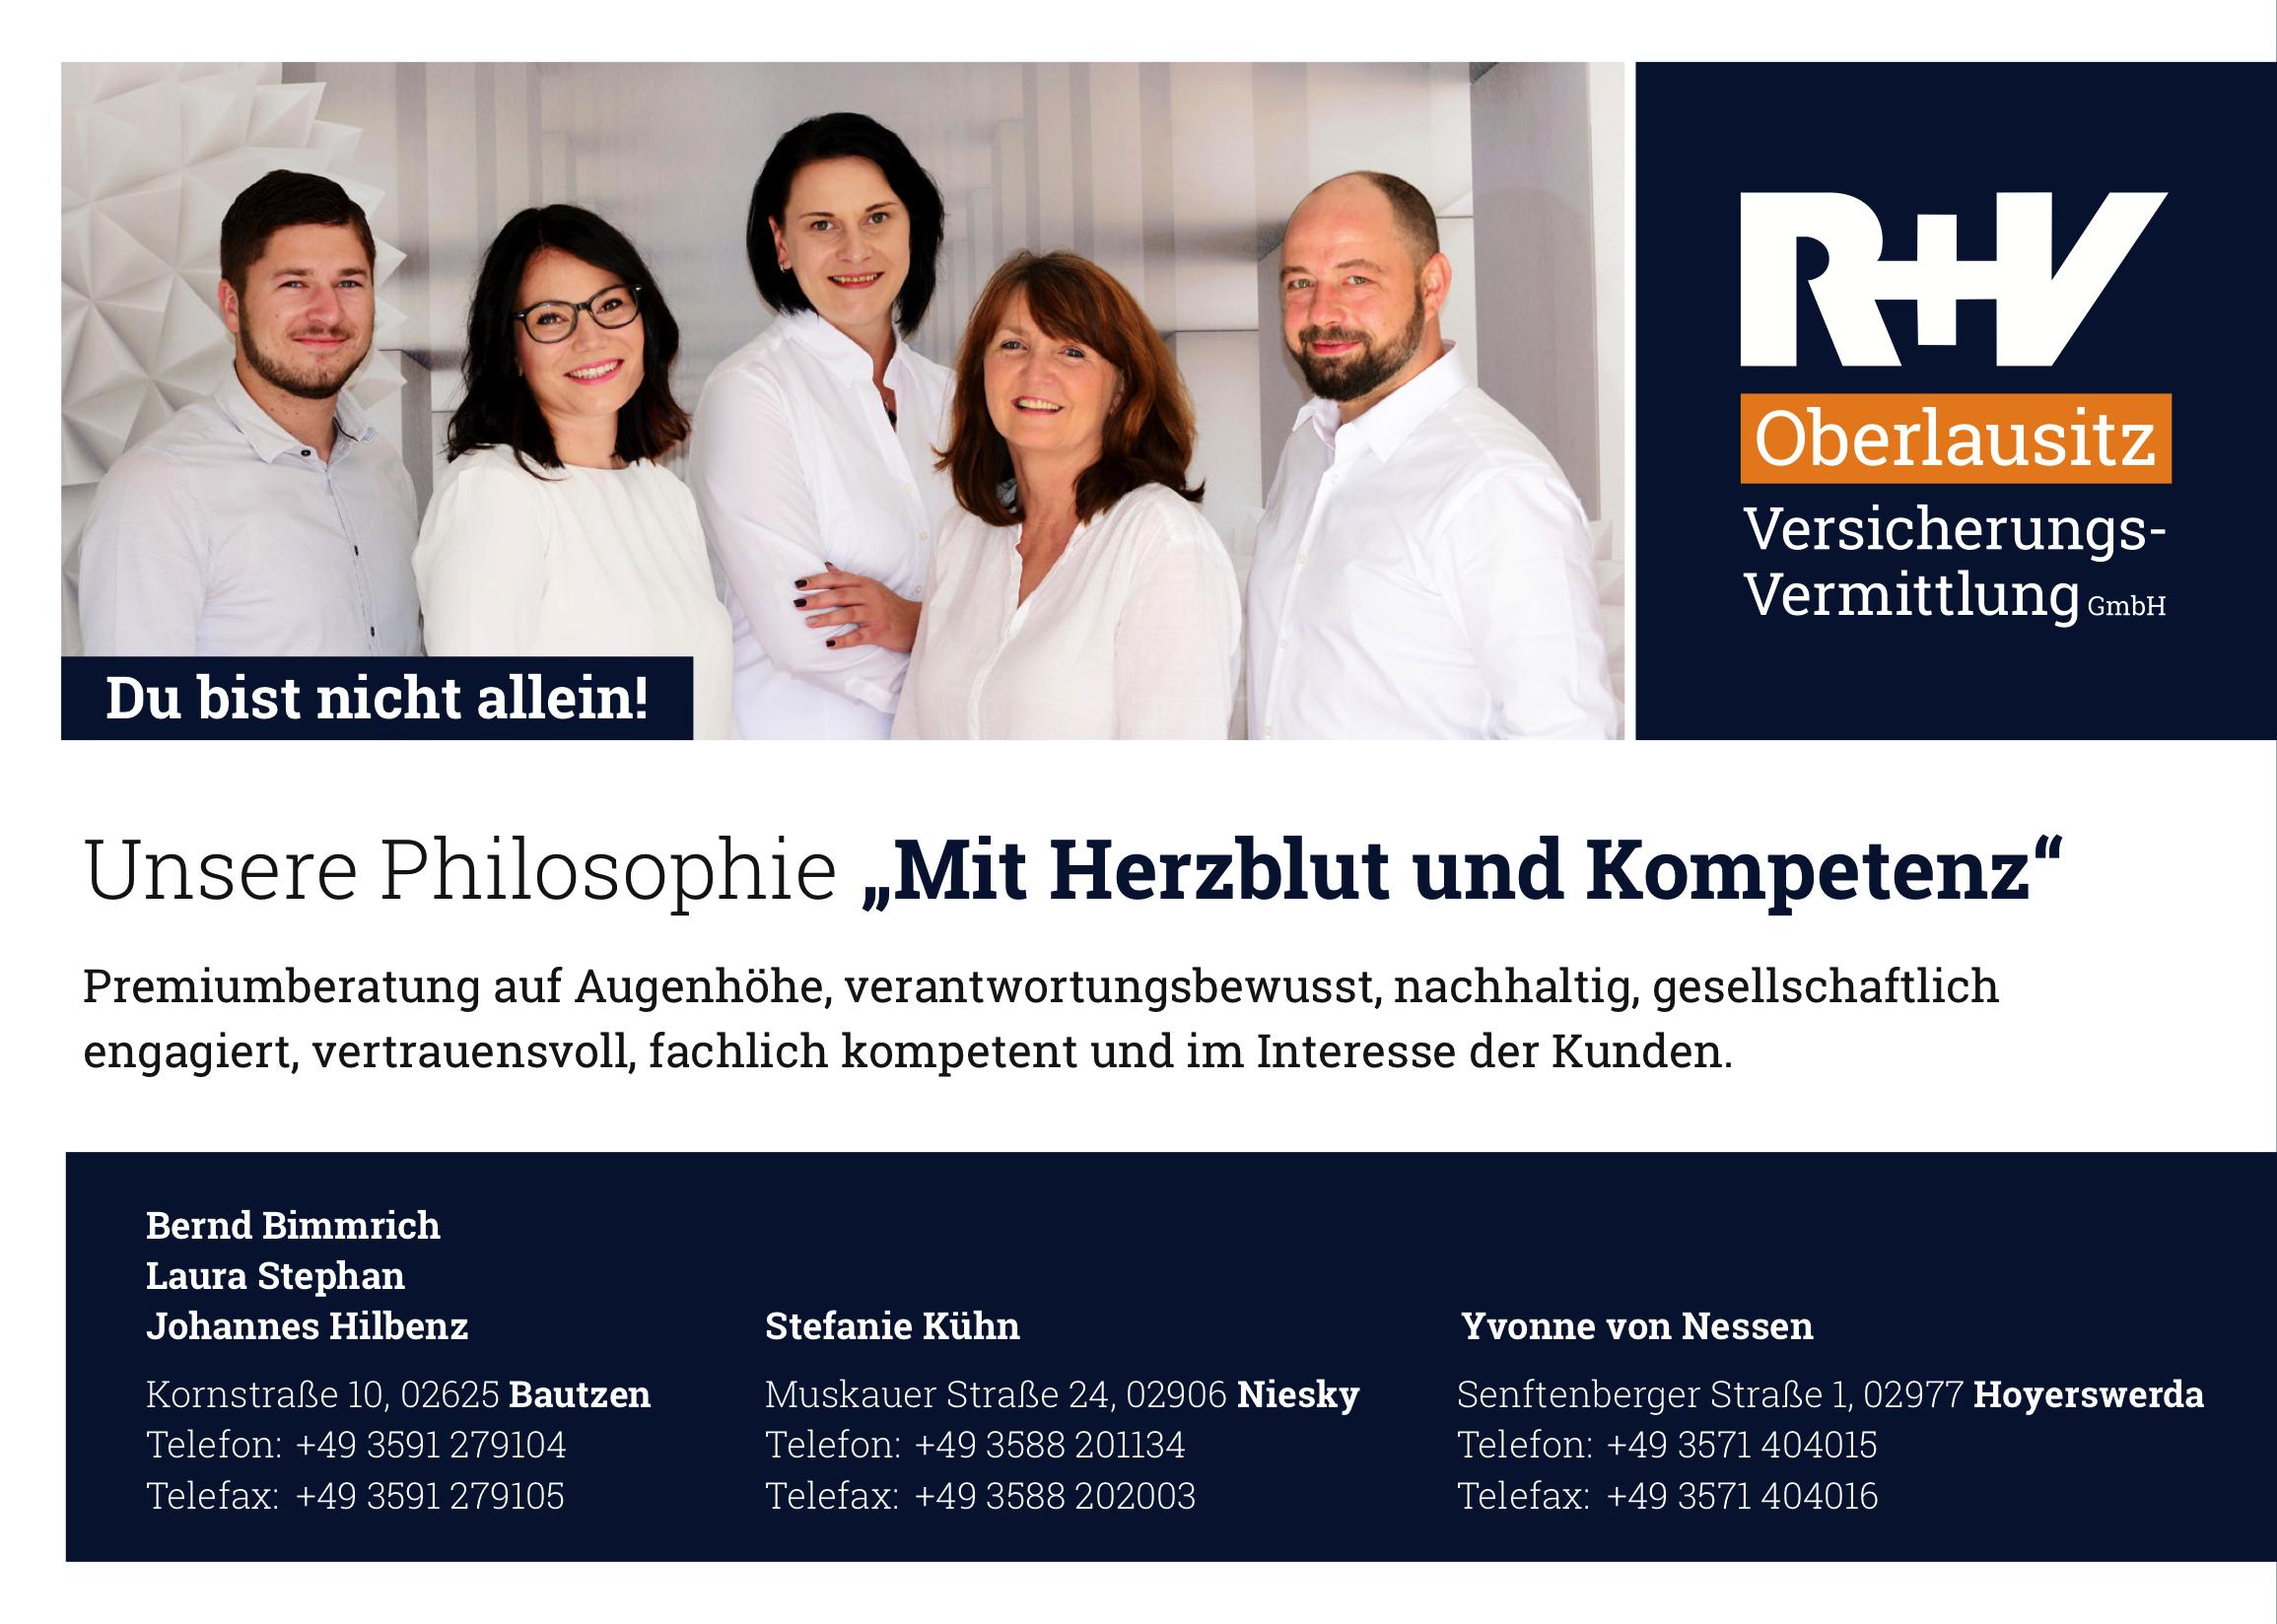 R+V Oberlausitz Versicherungsvermittlung GmbH